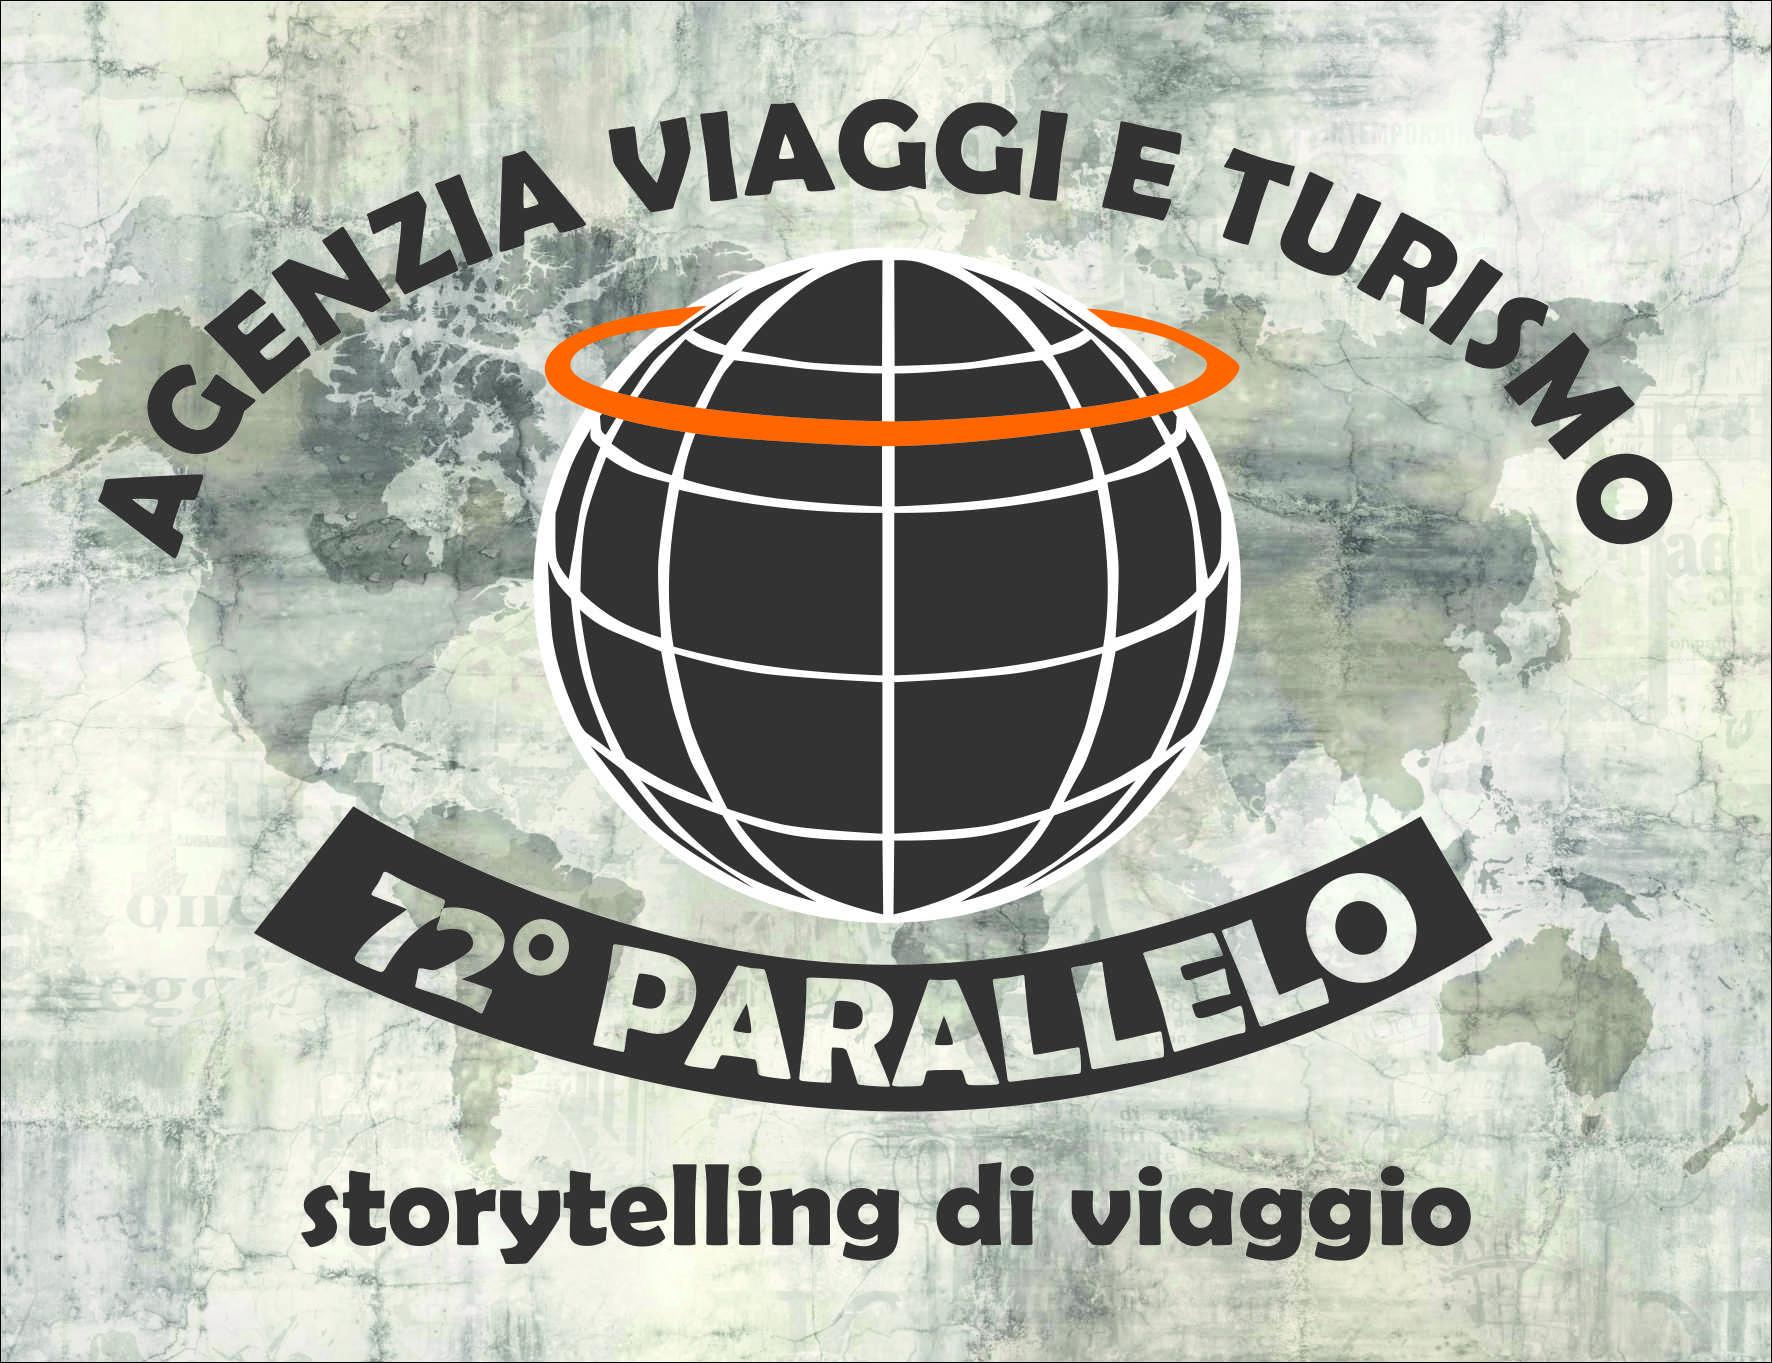 Agenzia Viaggi 72 Parallelo